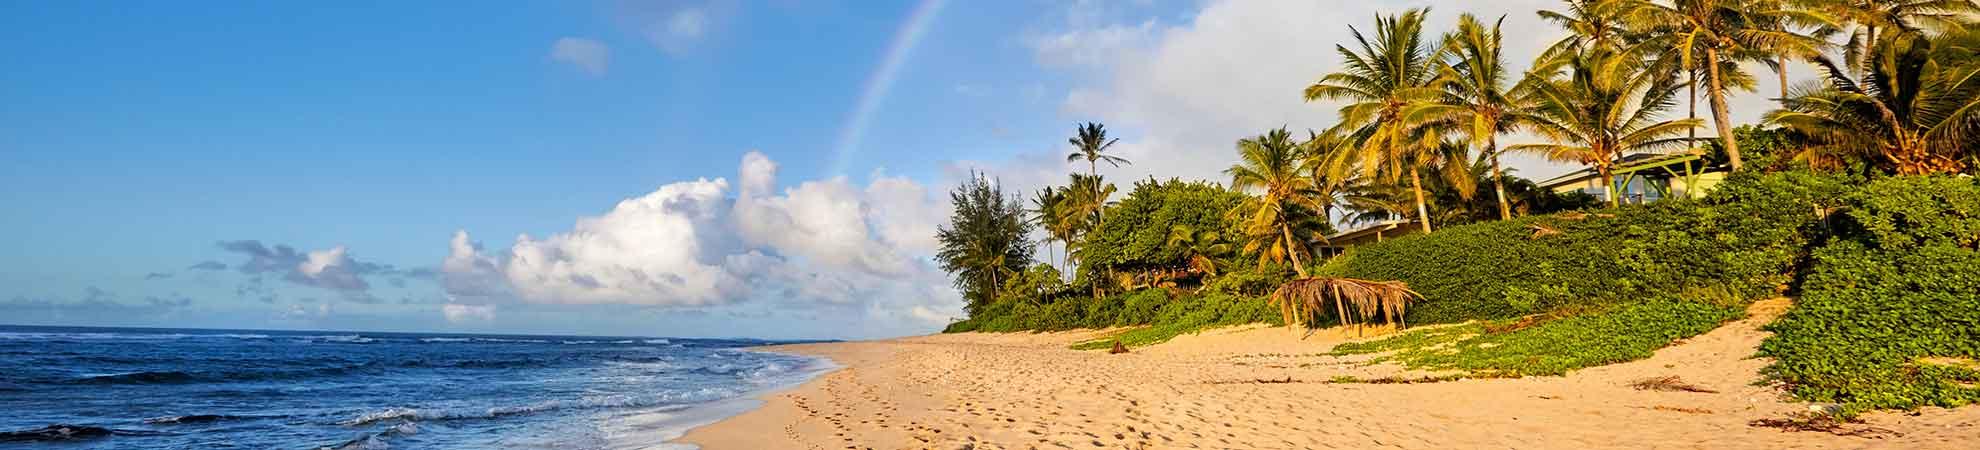 Séjour Hawaii : comment préparer un séjour de rêve sur l'île Hawai et visiter d'autres îles paradisiaque de l'archipel ?